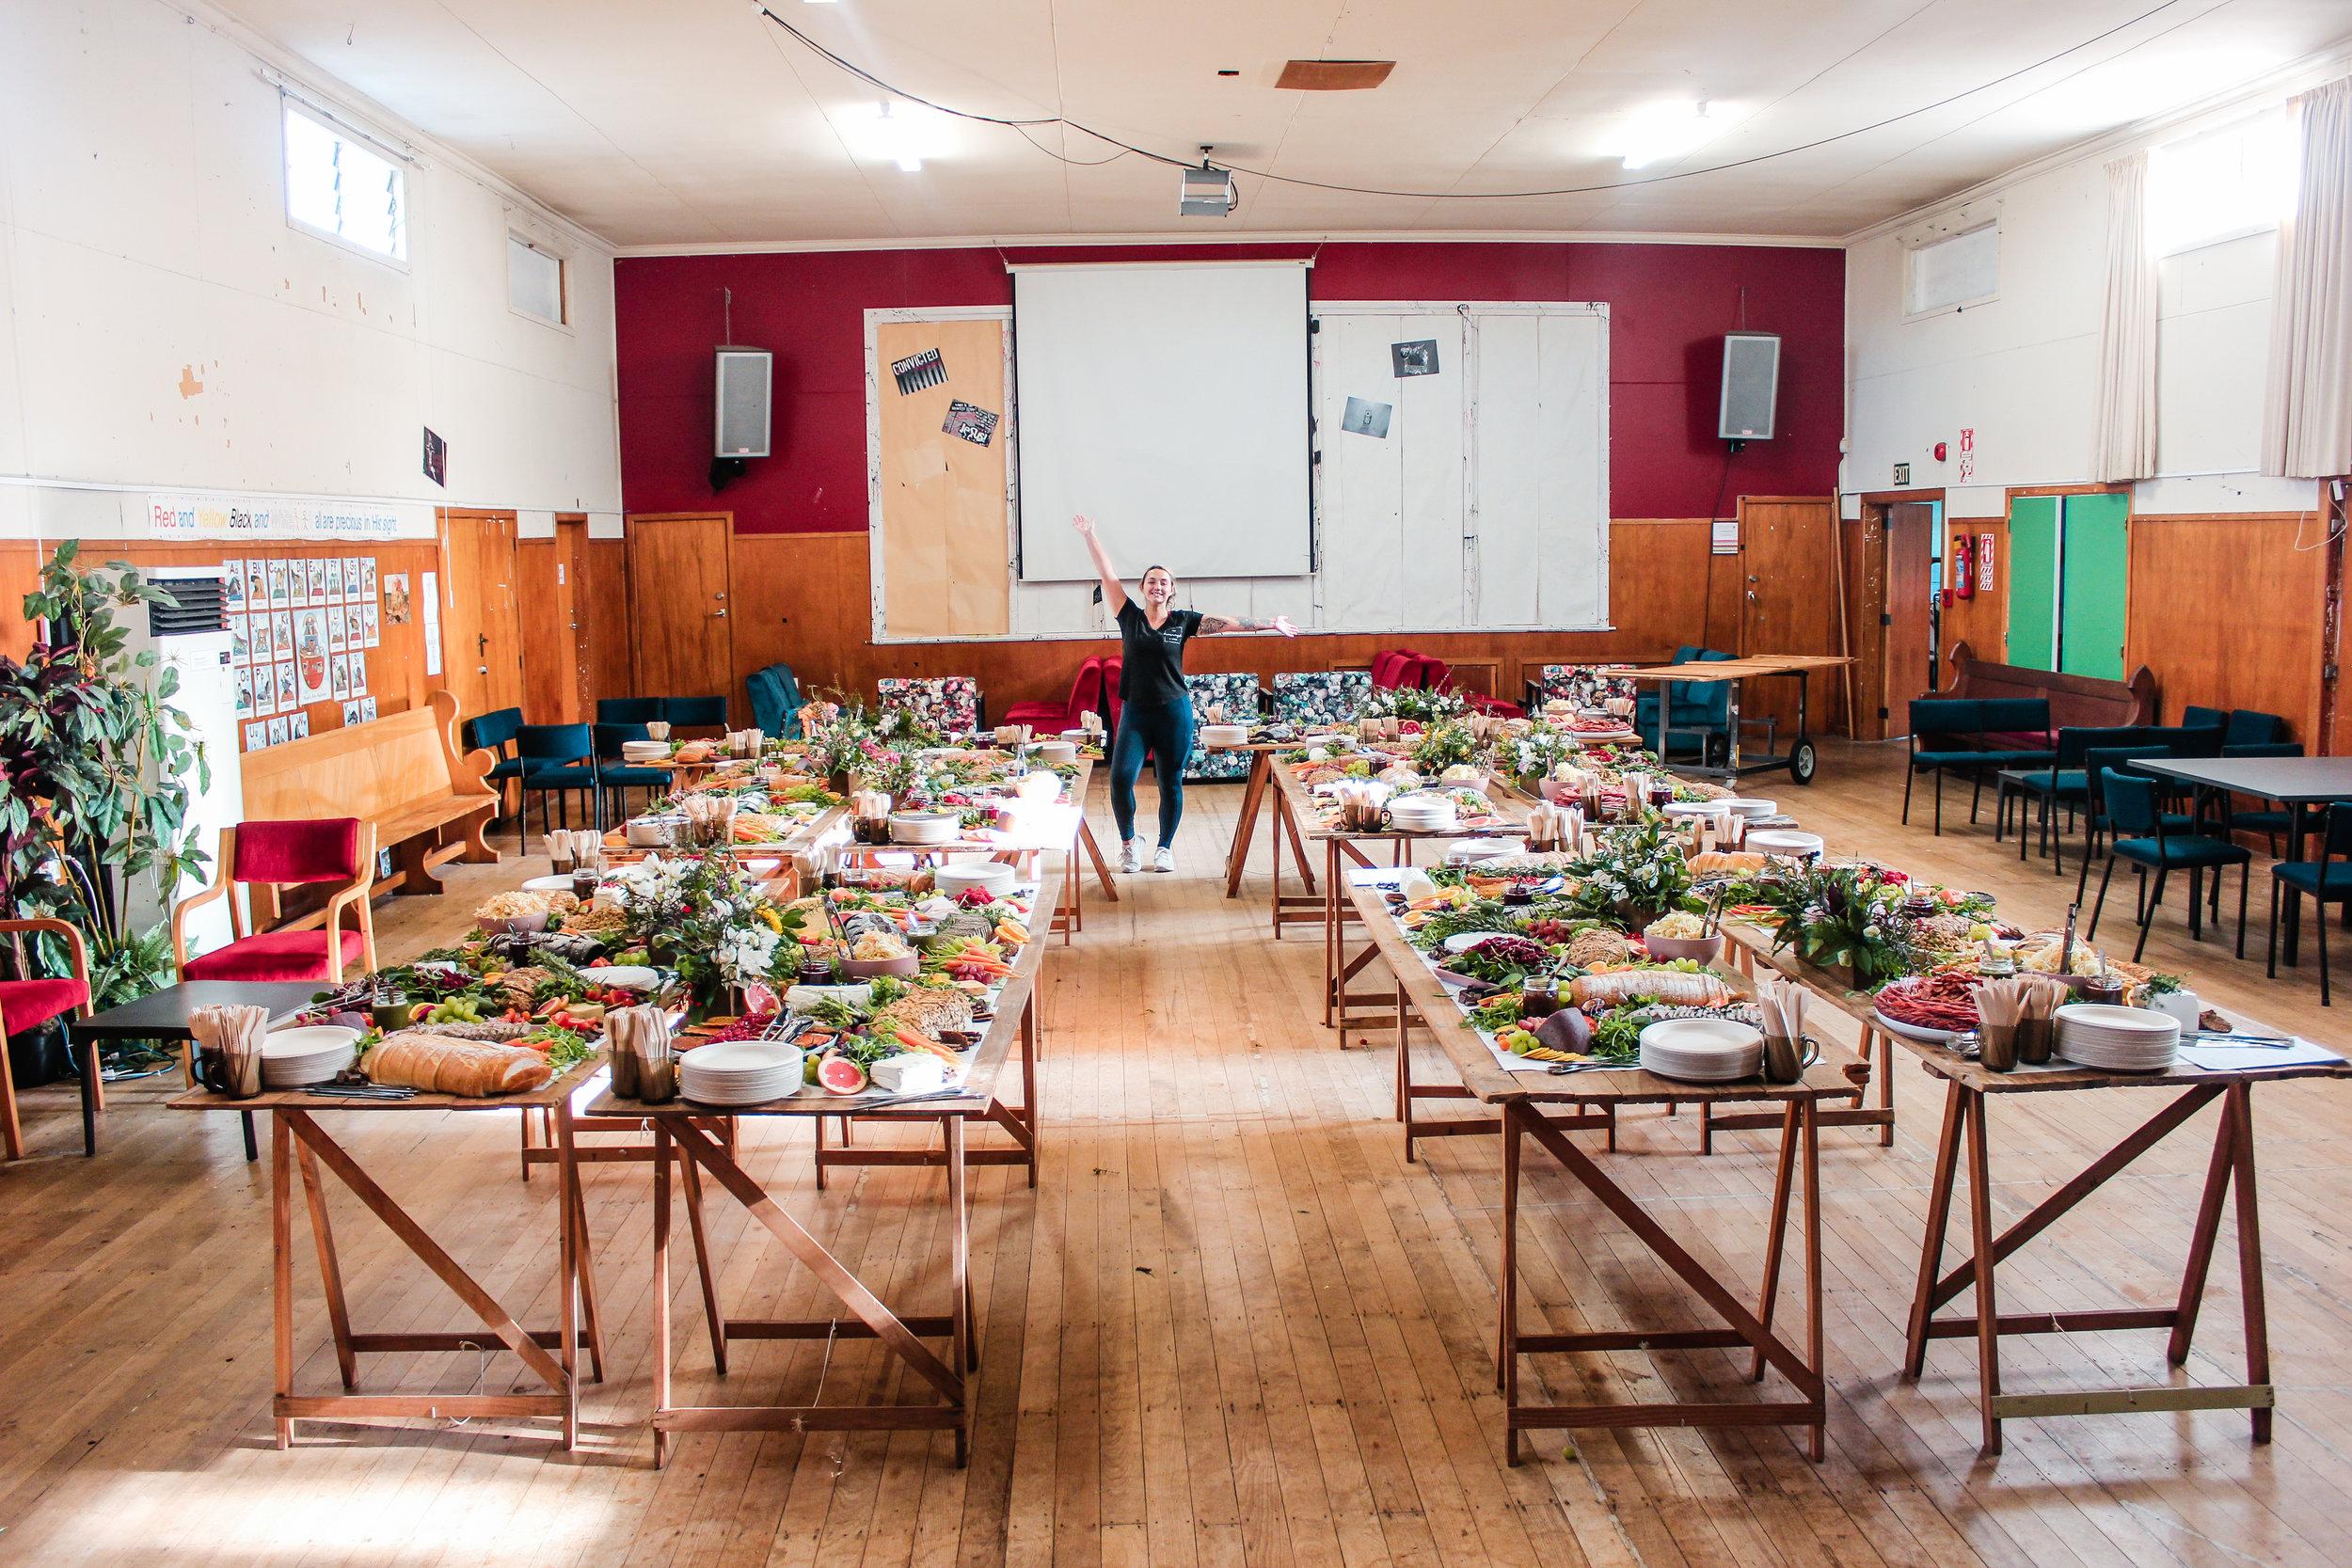 TedXTauranga 2019 Catering - The Honest Platter | TedX Tauranga